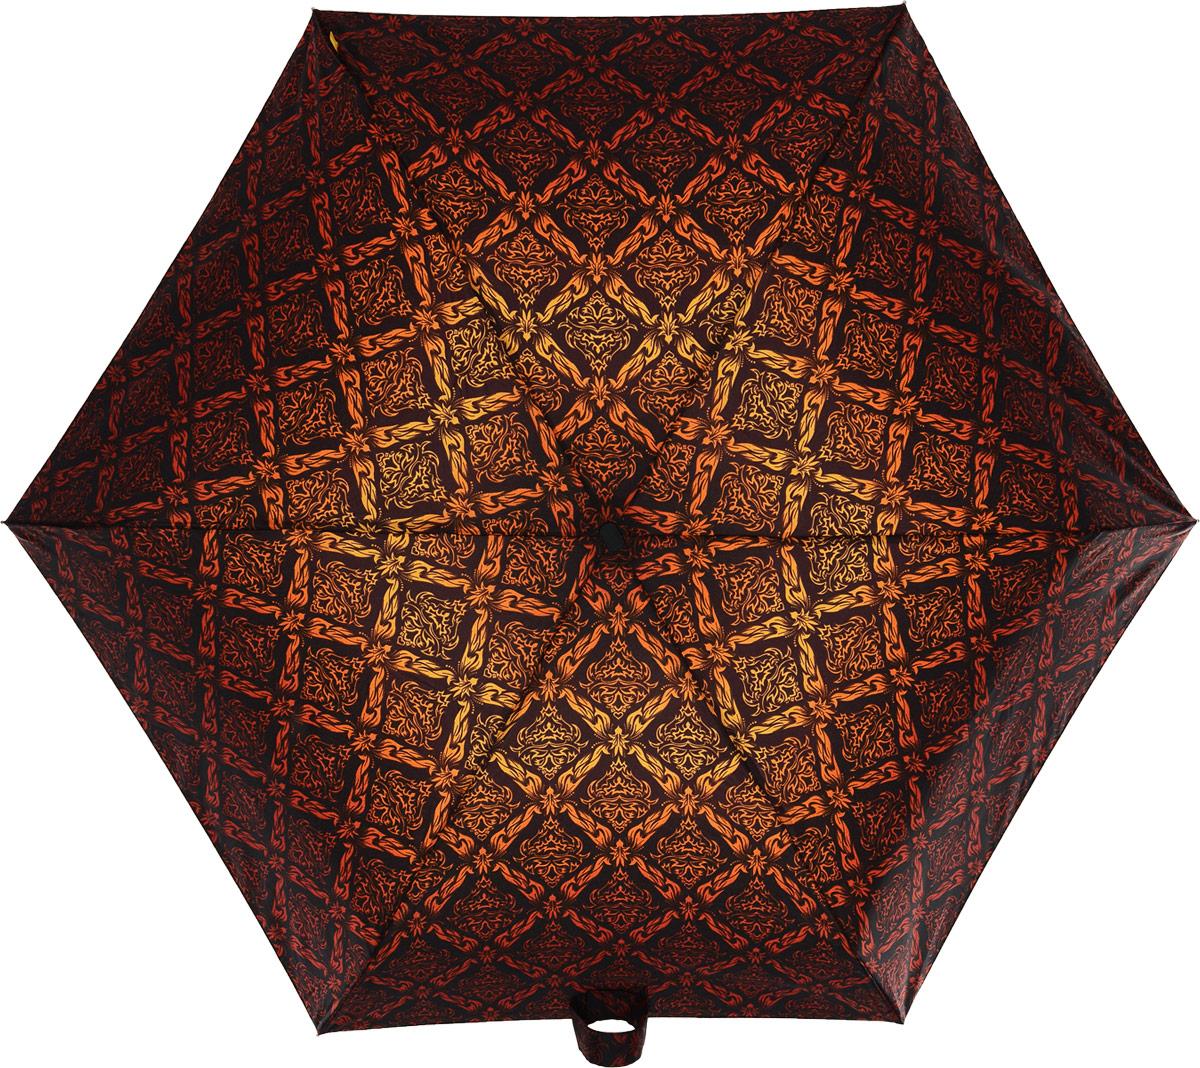 Зонт женский Zest, механический, 5 сложений, цвет: черный, коричневый, красный, оранжевый. 25518-27325518-273Невероятно компактный и легкий зонт Zest имеет 5 сложений. Модель зонта складывается и раскладывается механически. Удобная ручка выполнена из пластика с прорезиненным нанесением, приятна на ощупь. В сложенном состоянии зонт занимает очень мало места, и его удобно будет носить с собой даже в маленькой сумочке. К зонту прилагается чехол.